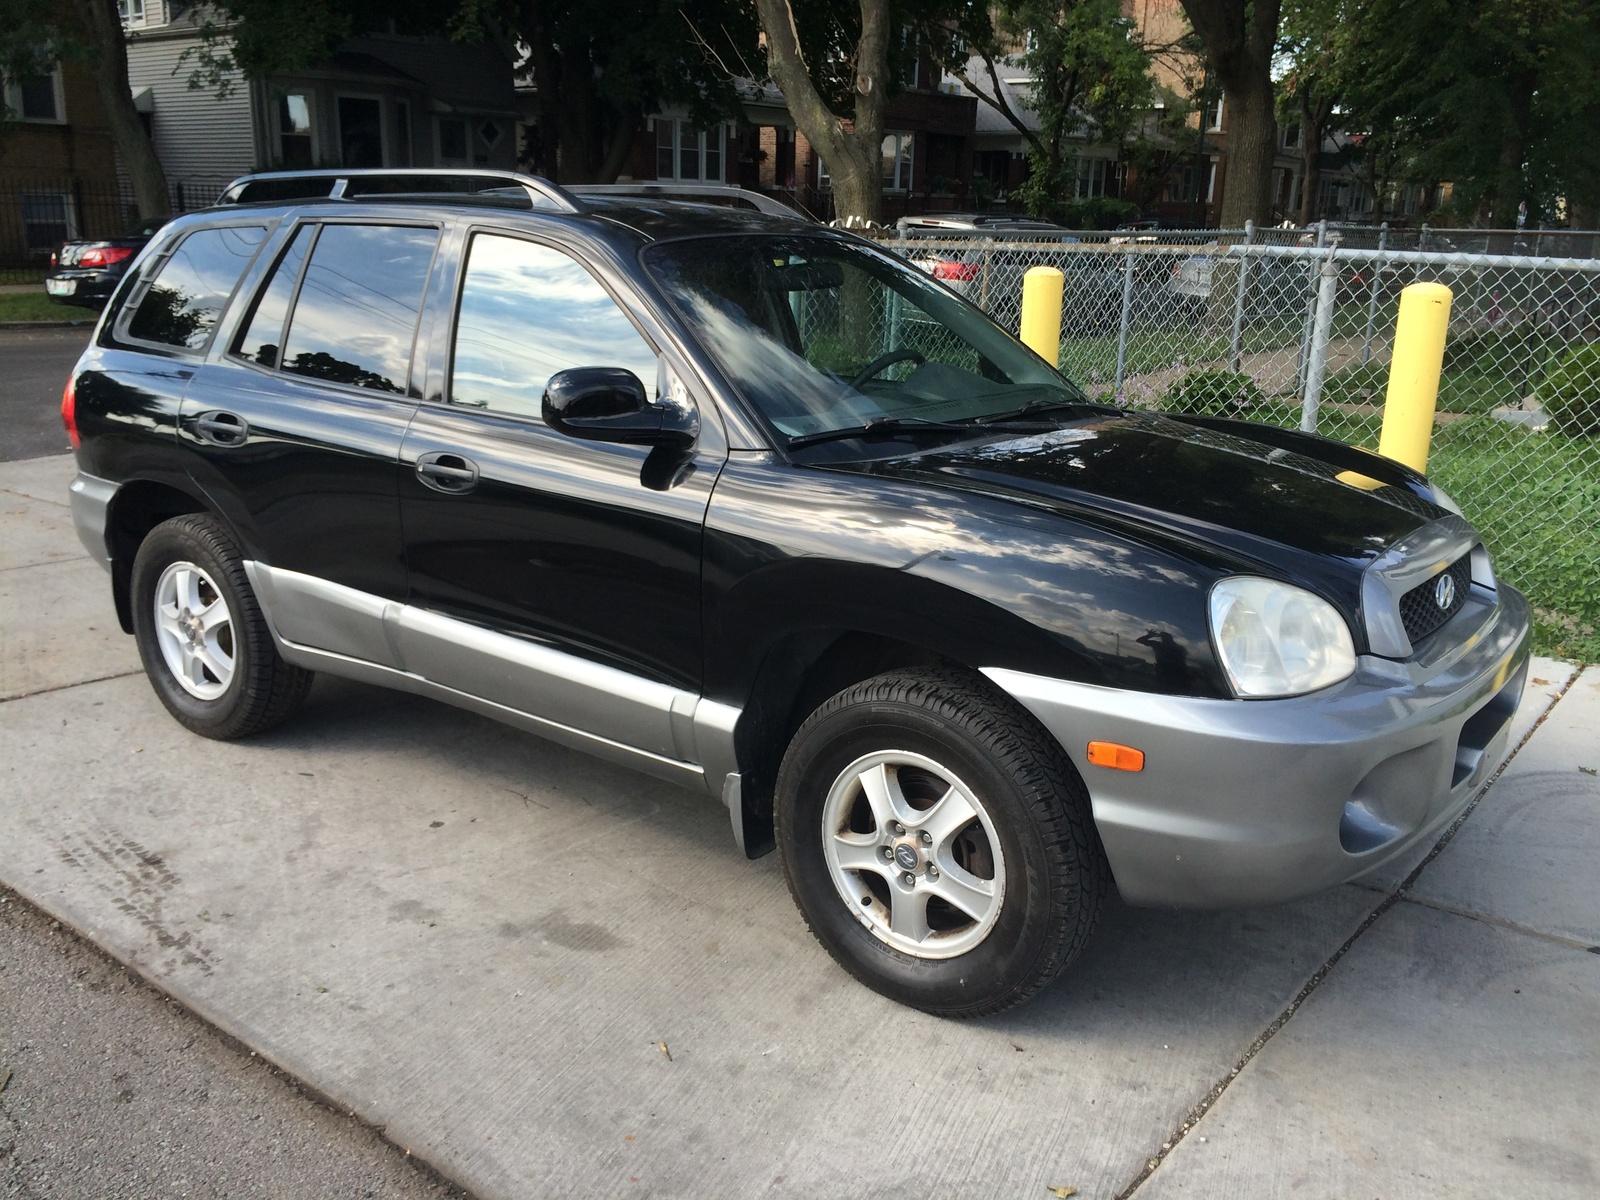 2002 Hyundai Santa Fe Pictures Cargurus